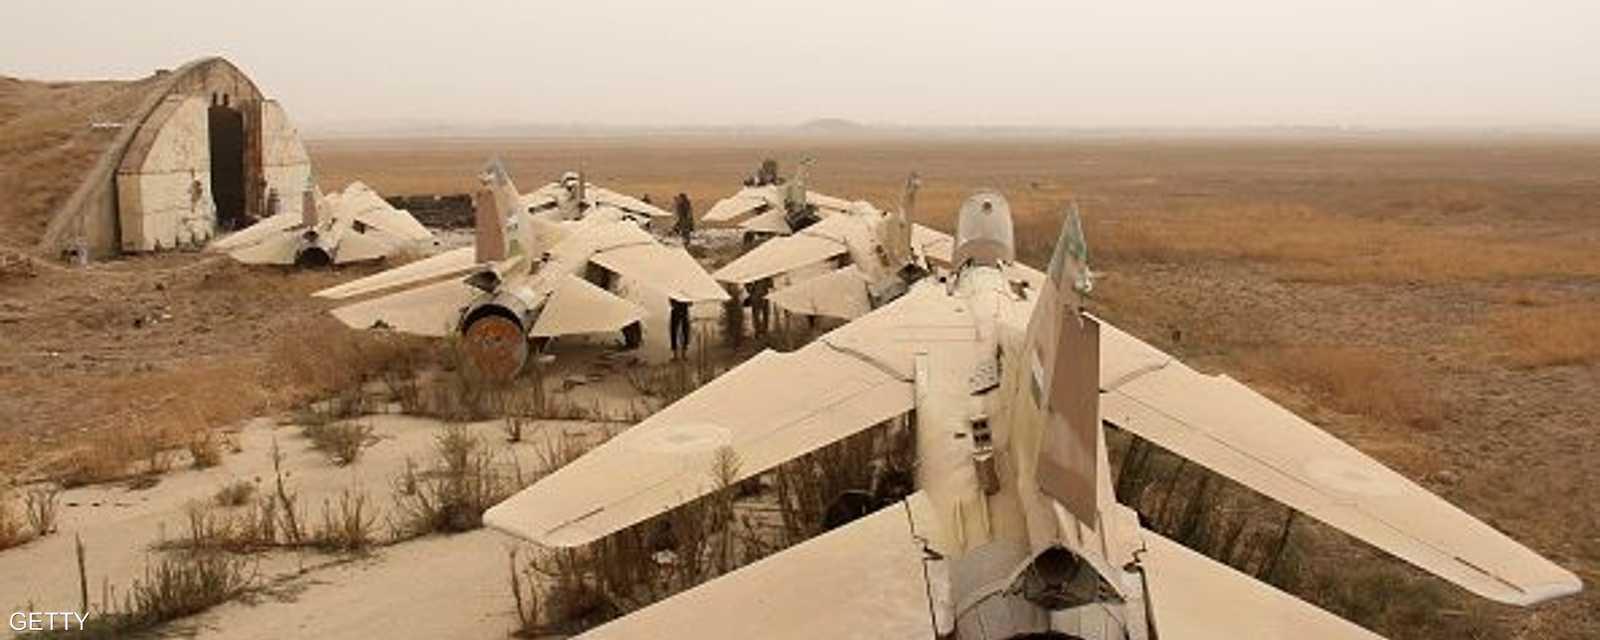 20 طائرة مقاتلة توقفت عن قصف مواقع المعارضة المسلحة في سوريا